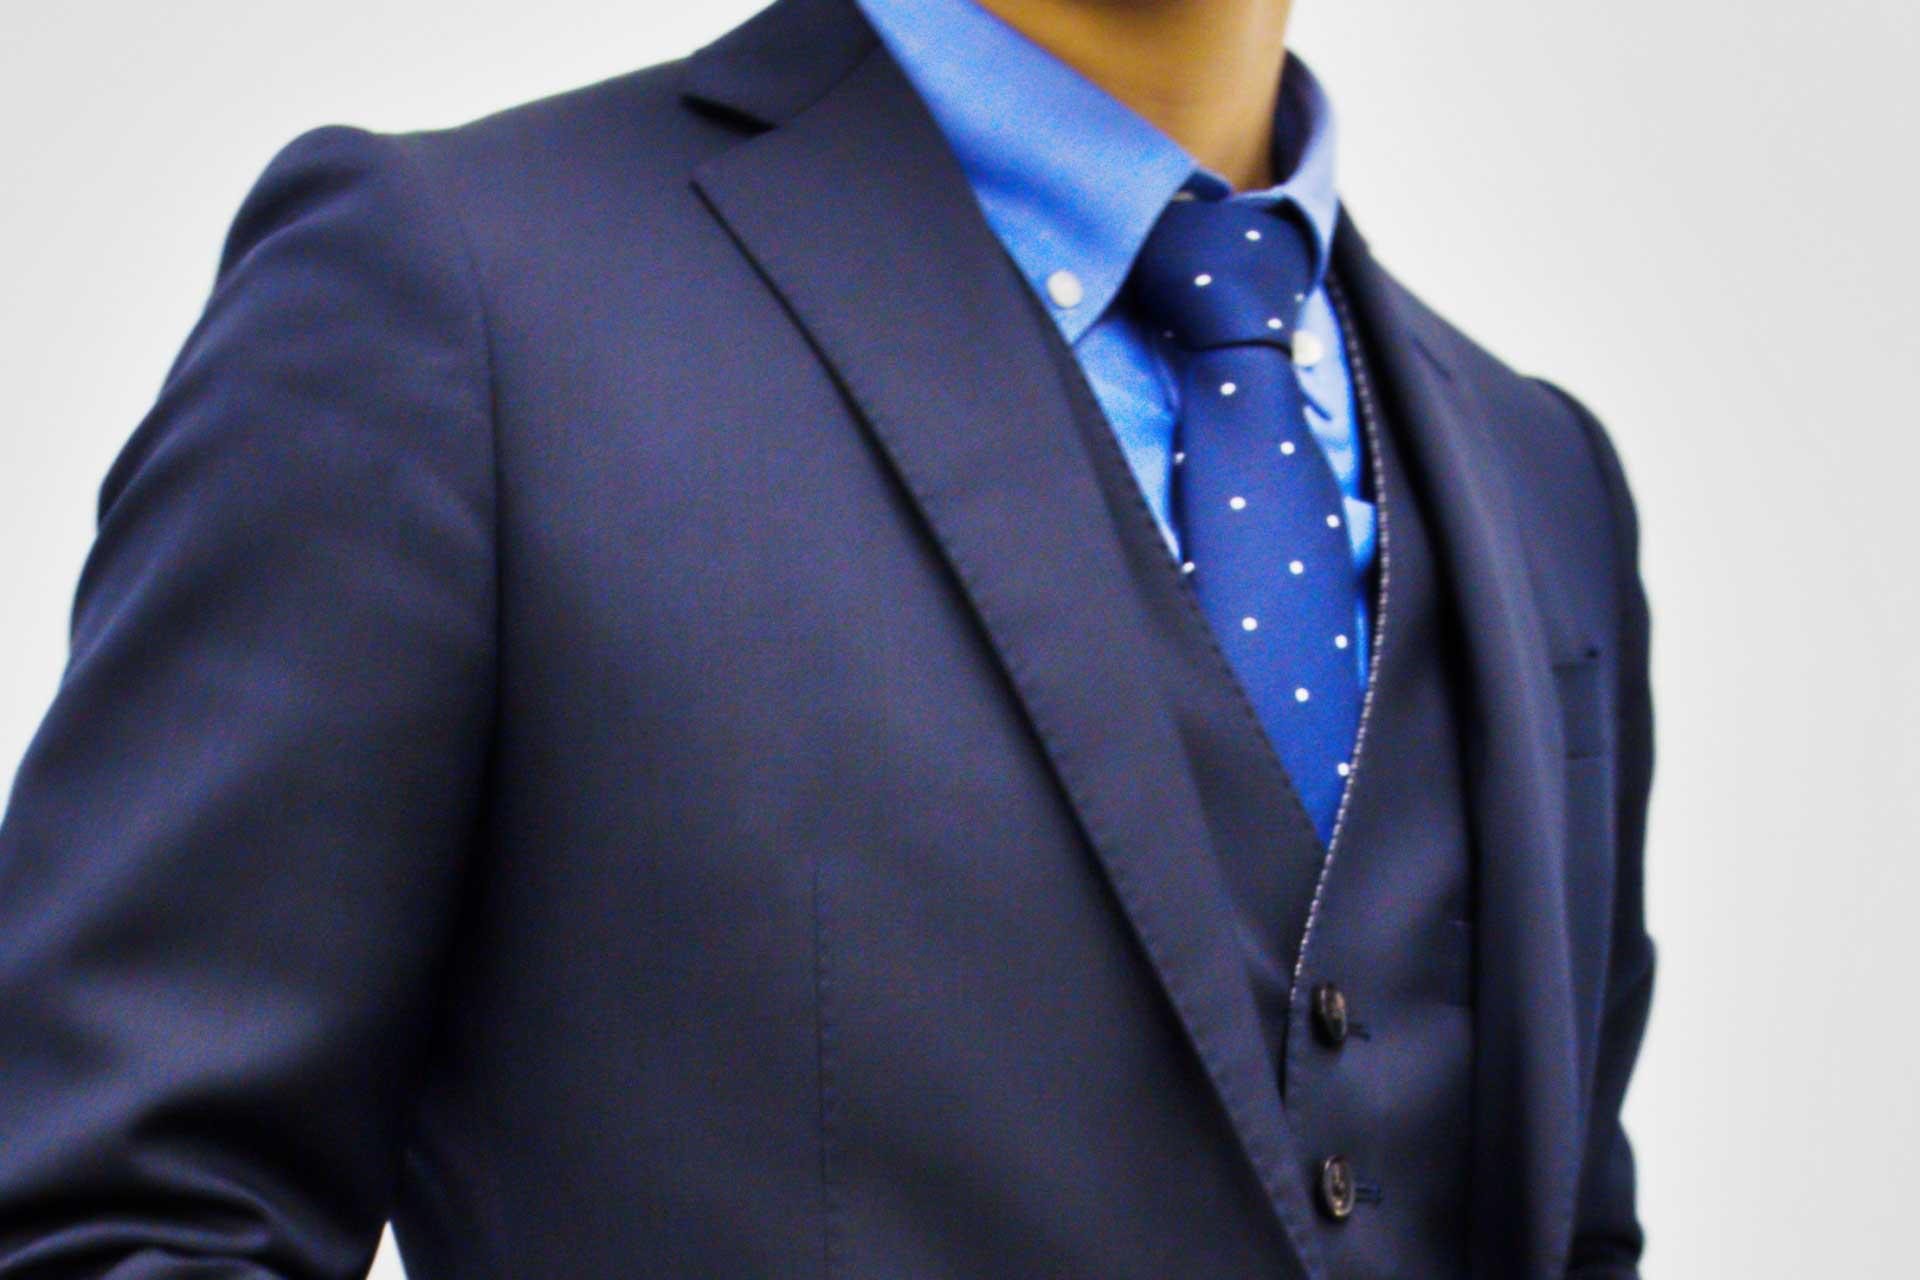 ネイビースーツの男性の胸元